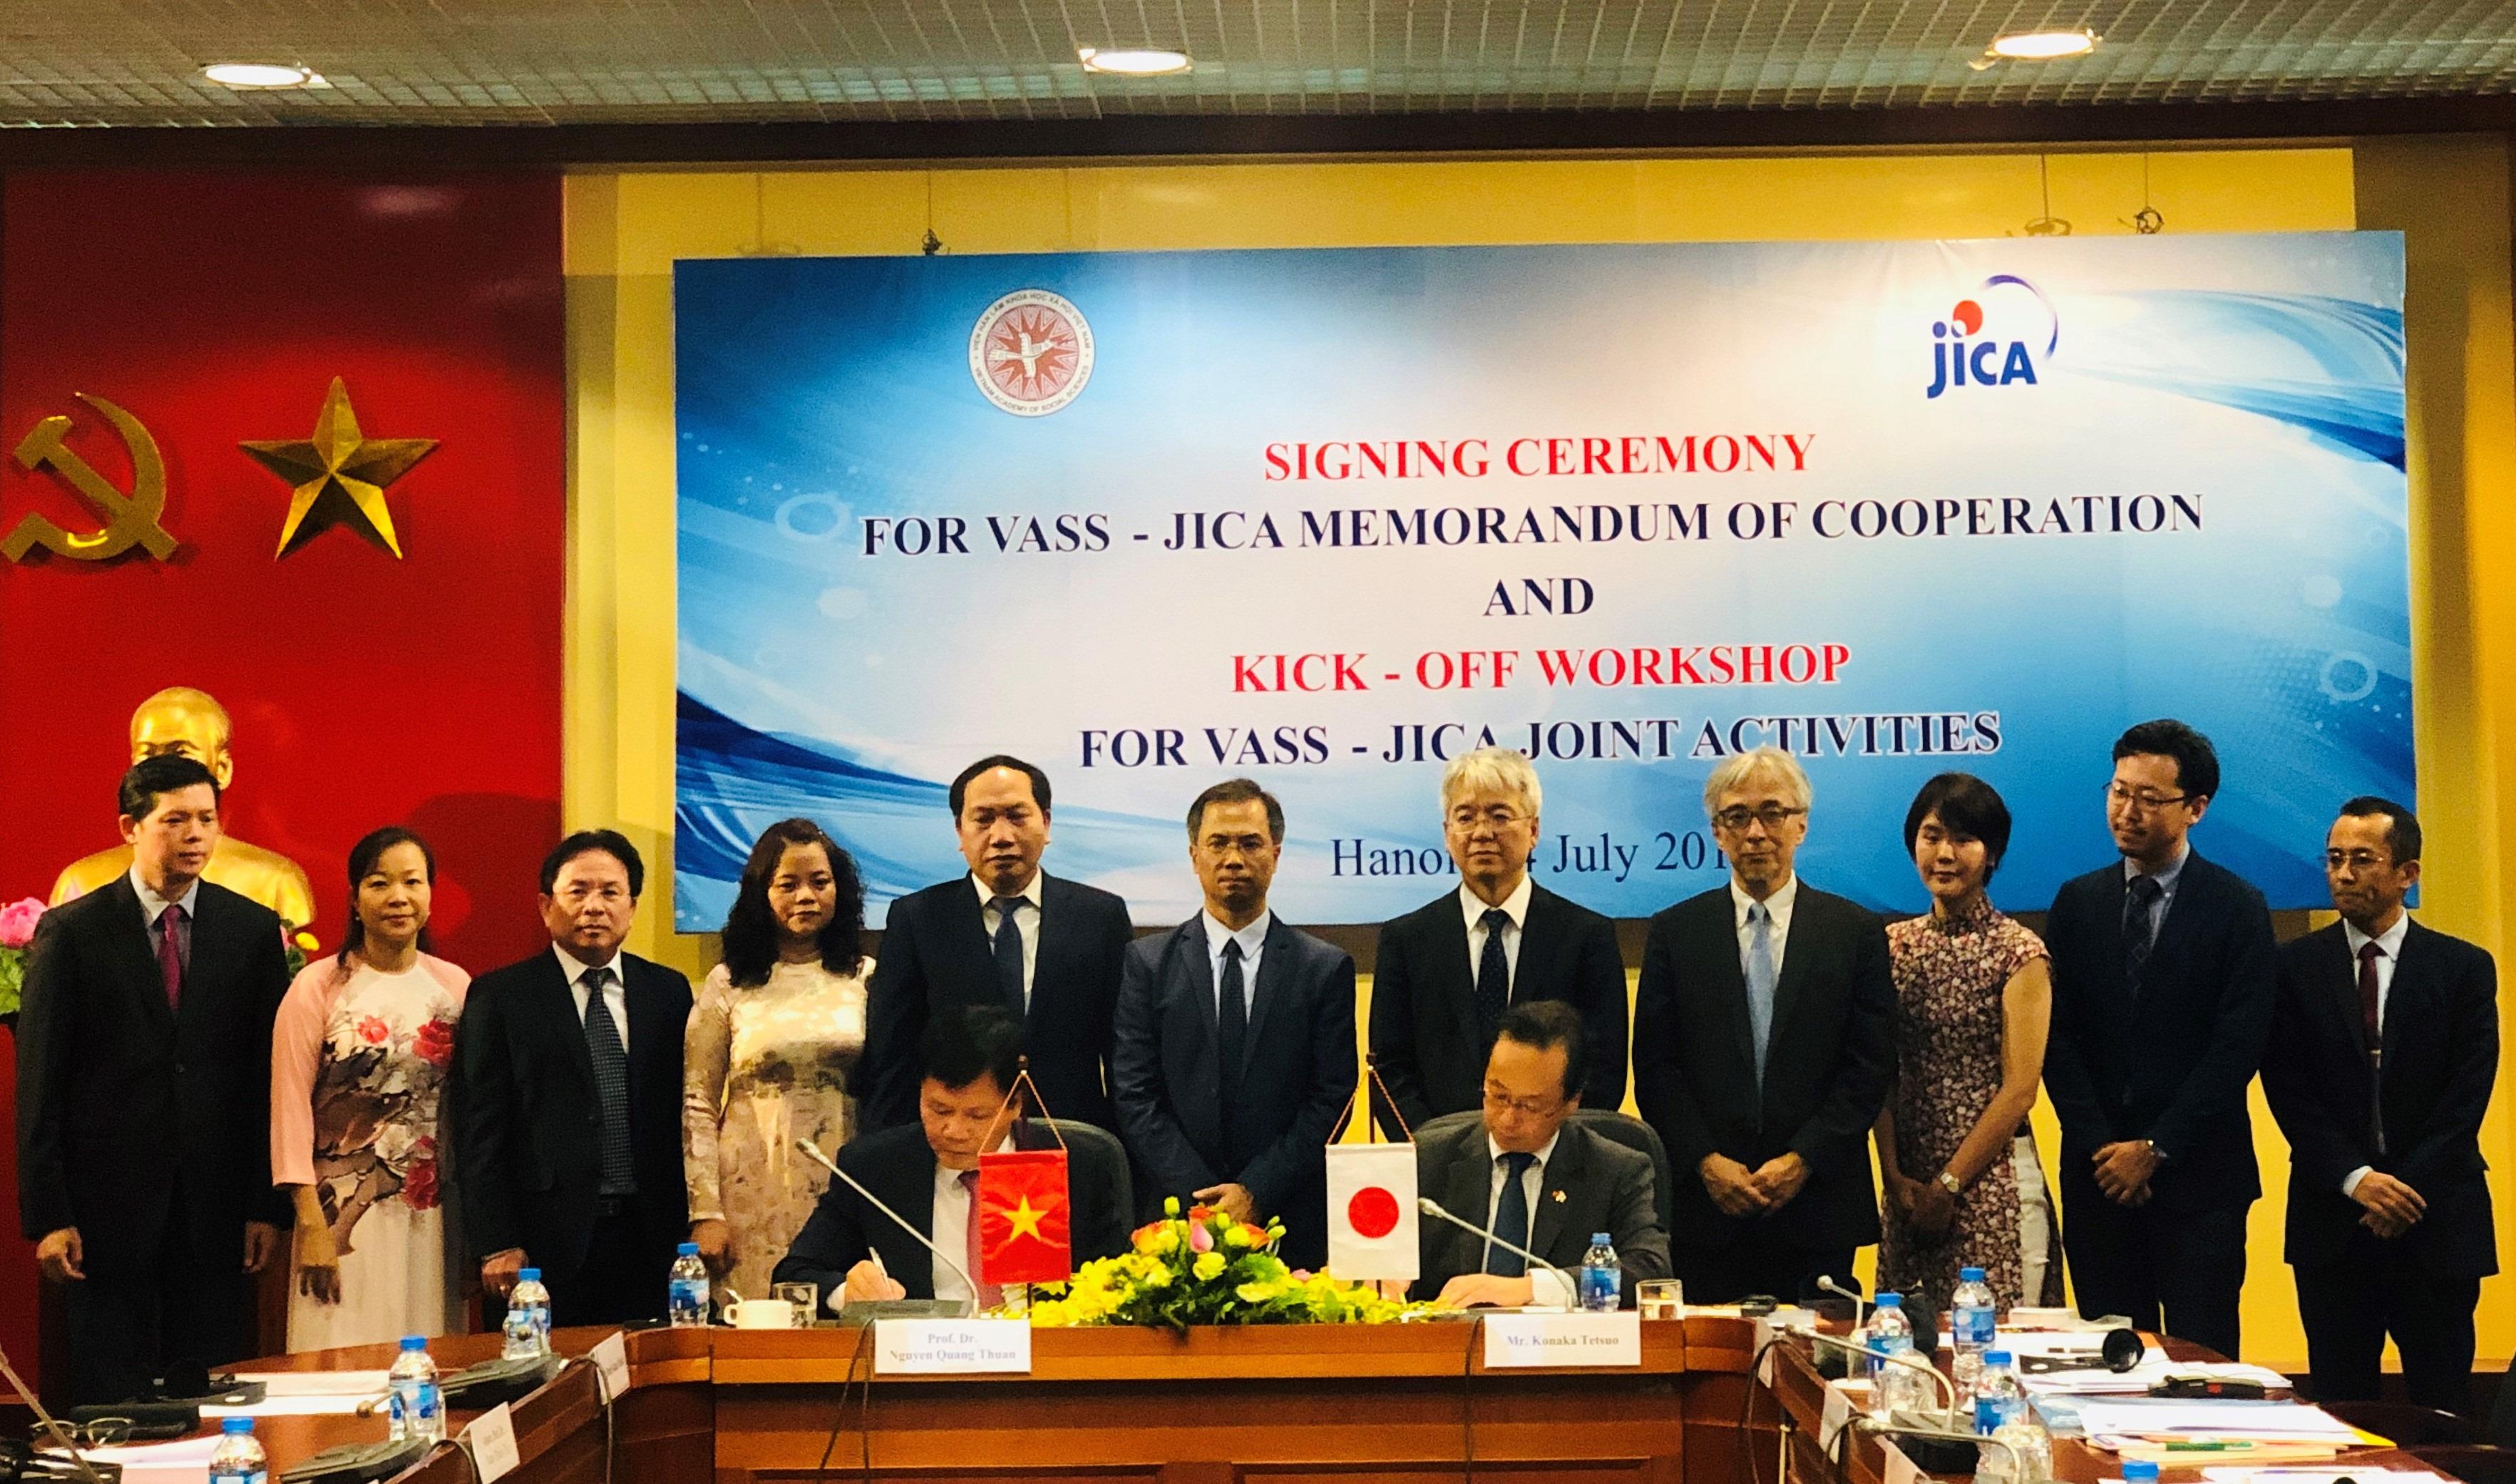 VASS - JICA comprehensive cooperation for Vietnam's development